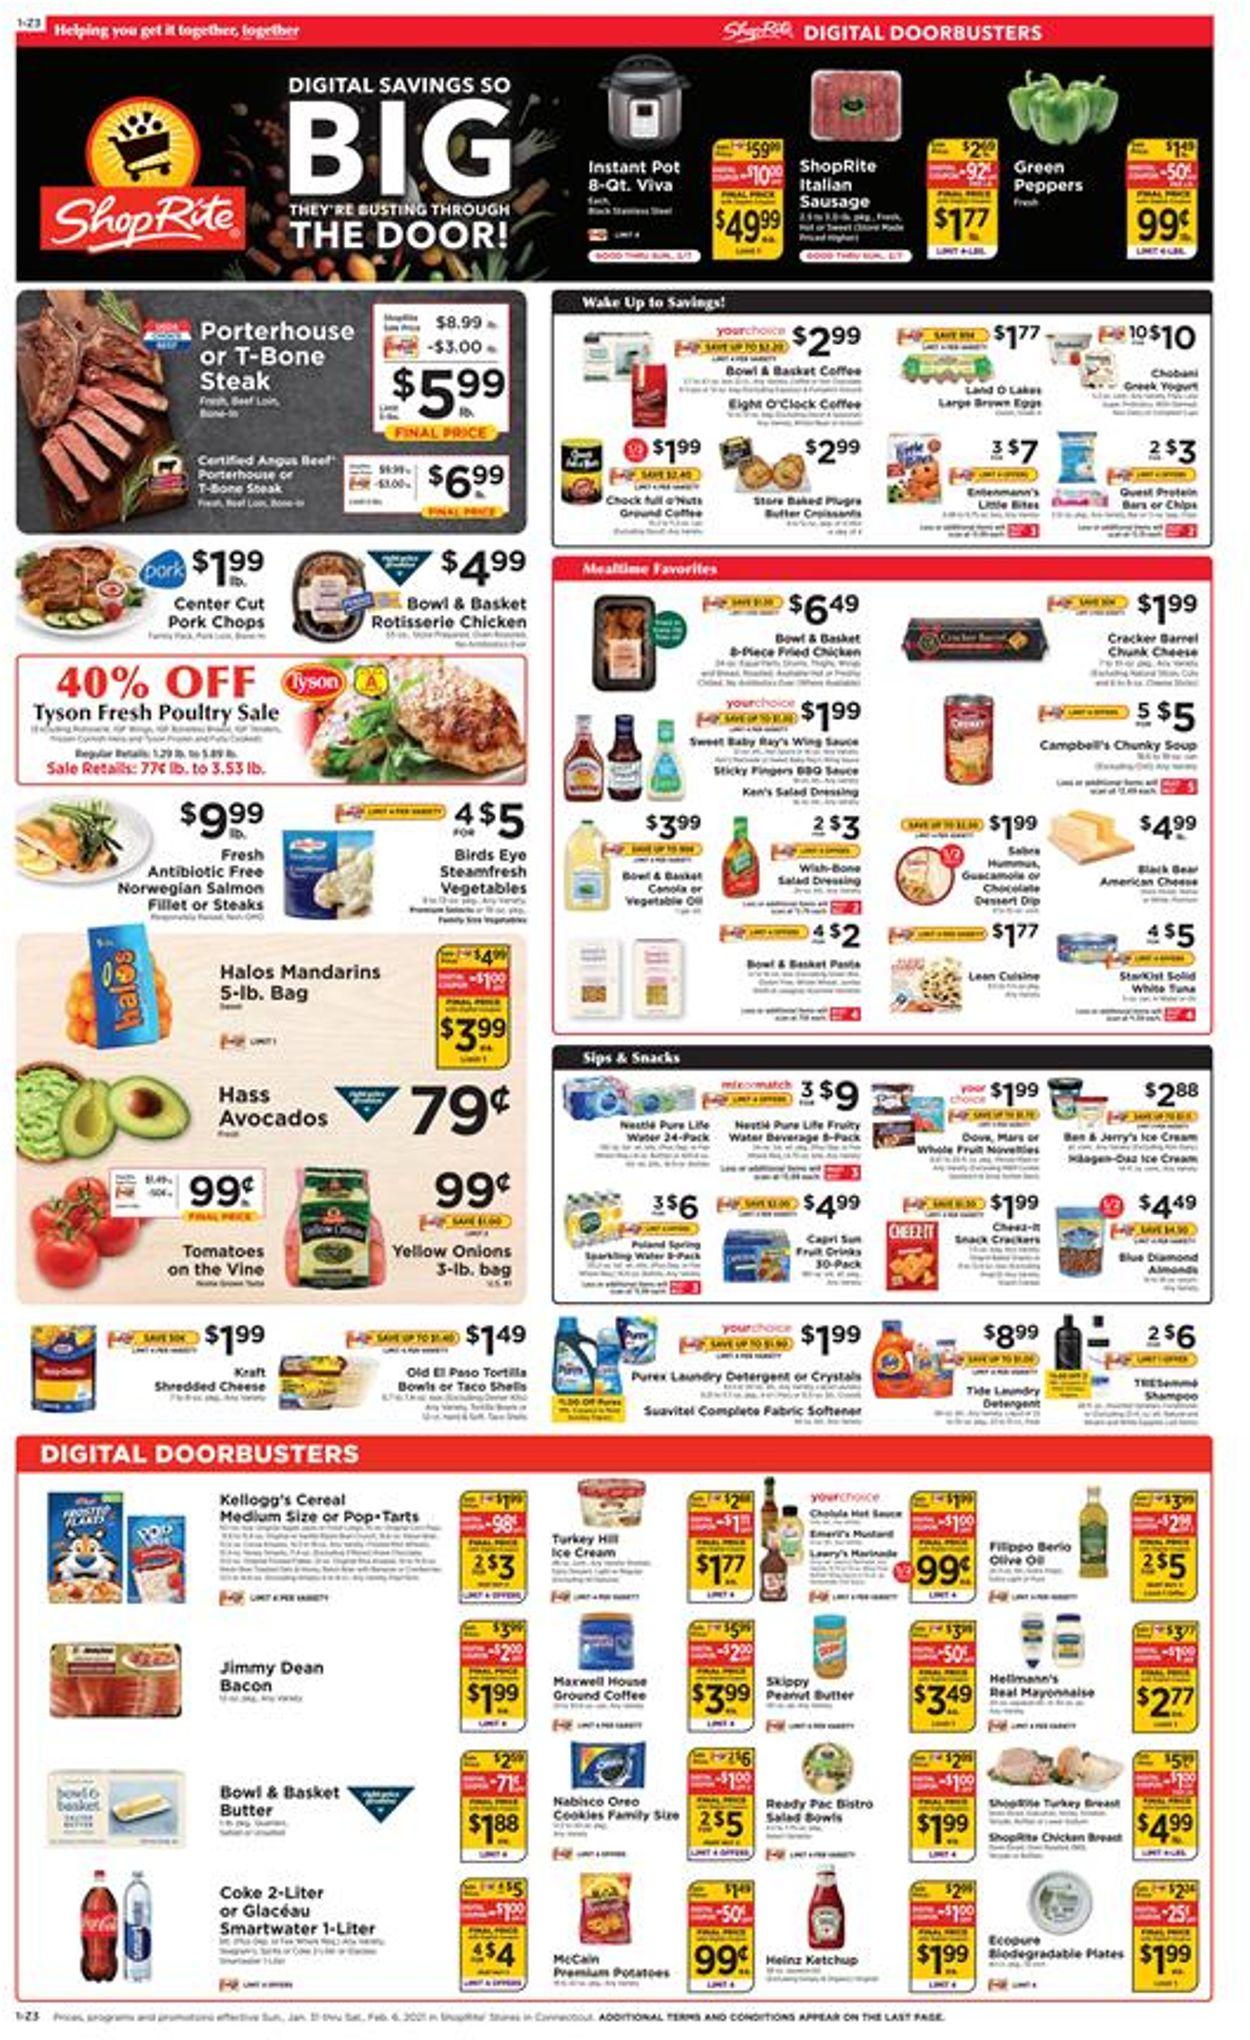 ShopRite Weekly Ad Circular - valid 01/31-02/06/2021